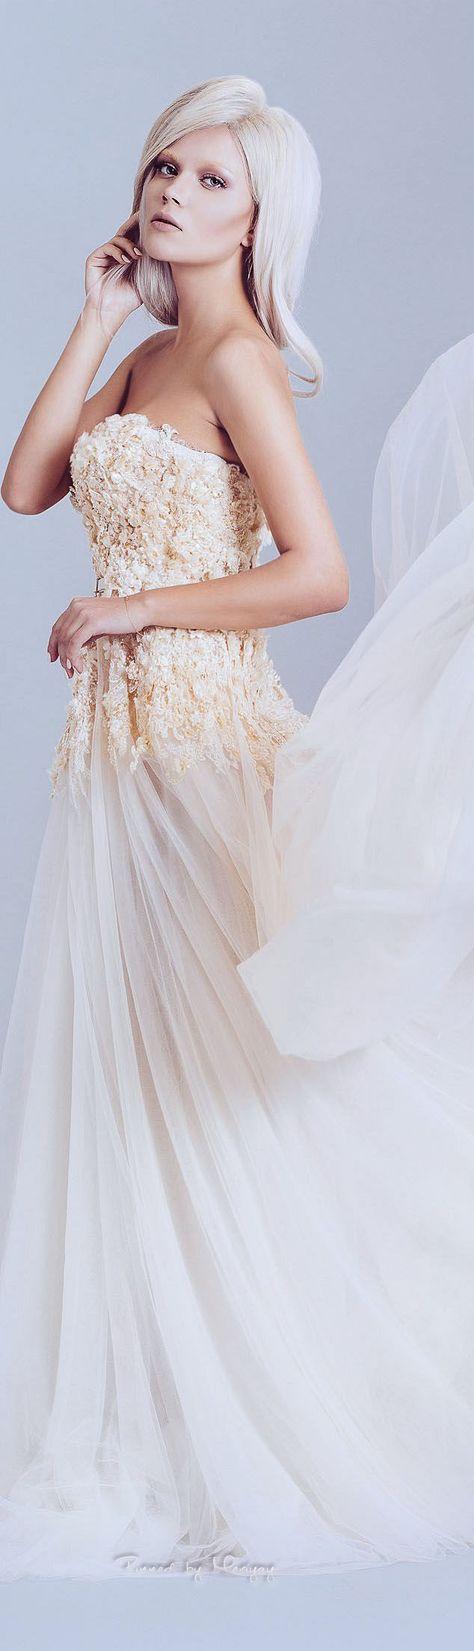 Glamour Gown / karen cox. Alfazairy Spring-summer 2015.